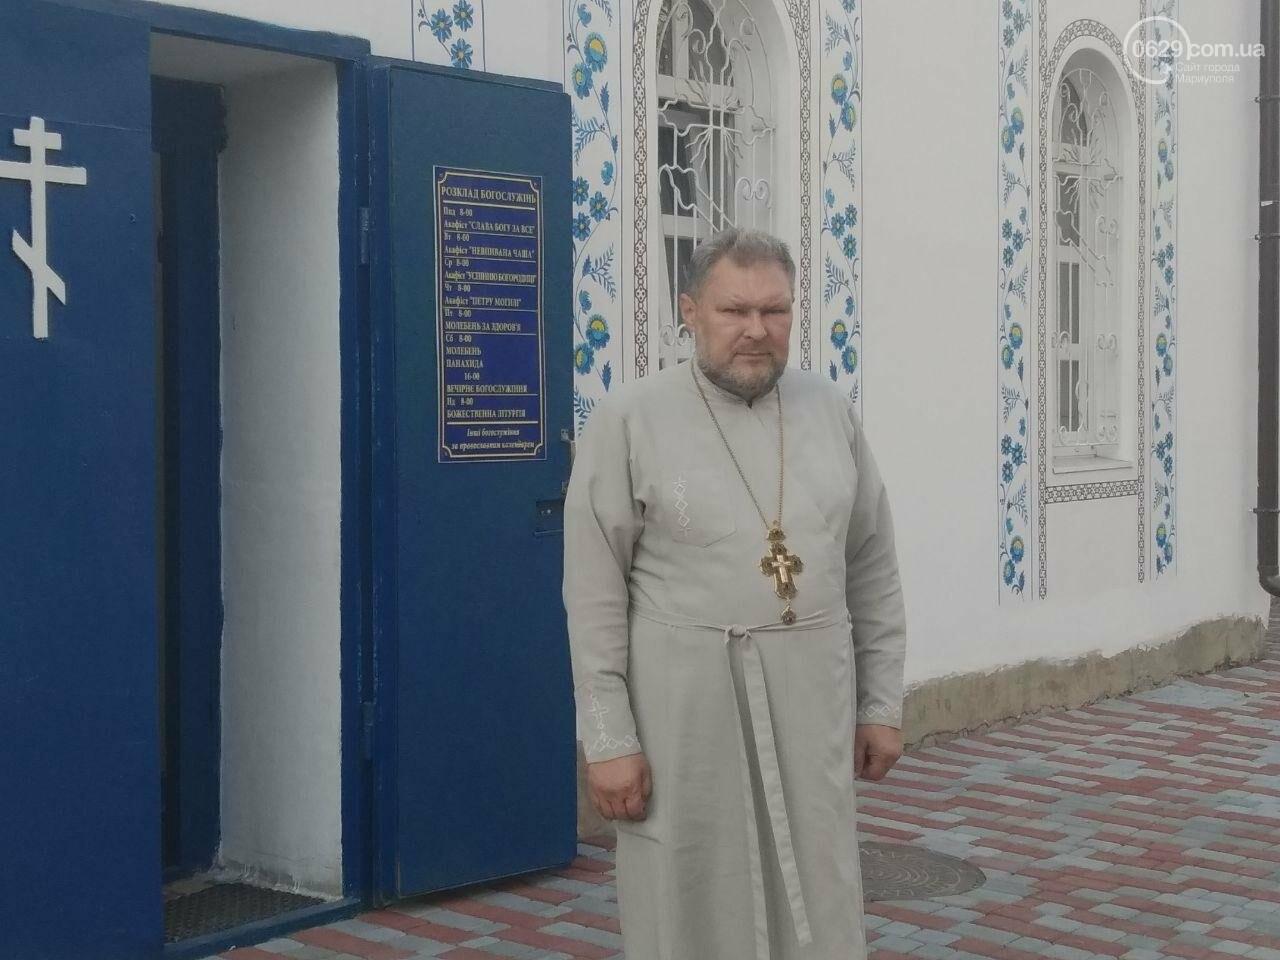 Почему люди становятся священниками? Вопрос, на который мы не знали ответа, пока не спросили отца Уара, мечтавшего  стать кочегаром, фото-1